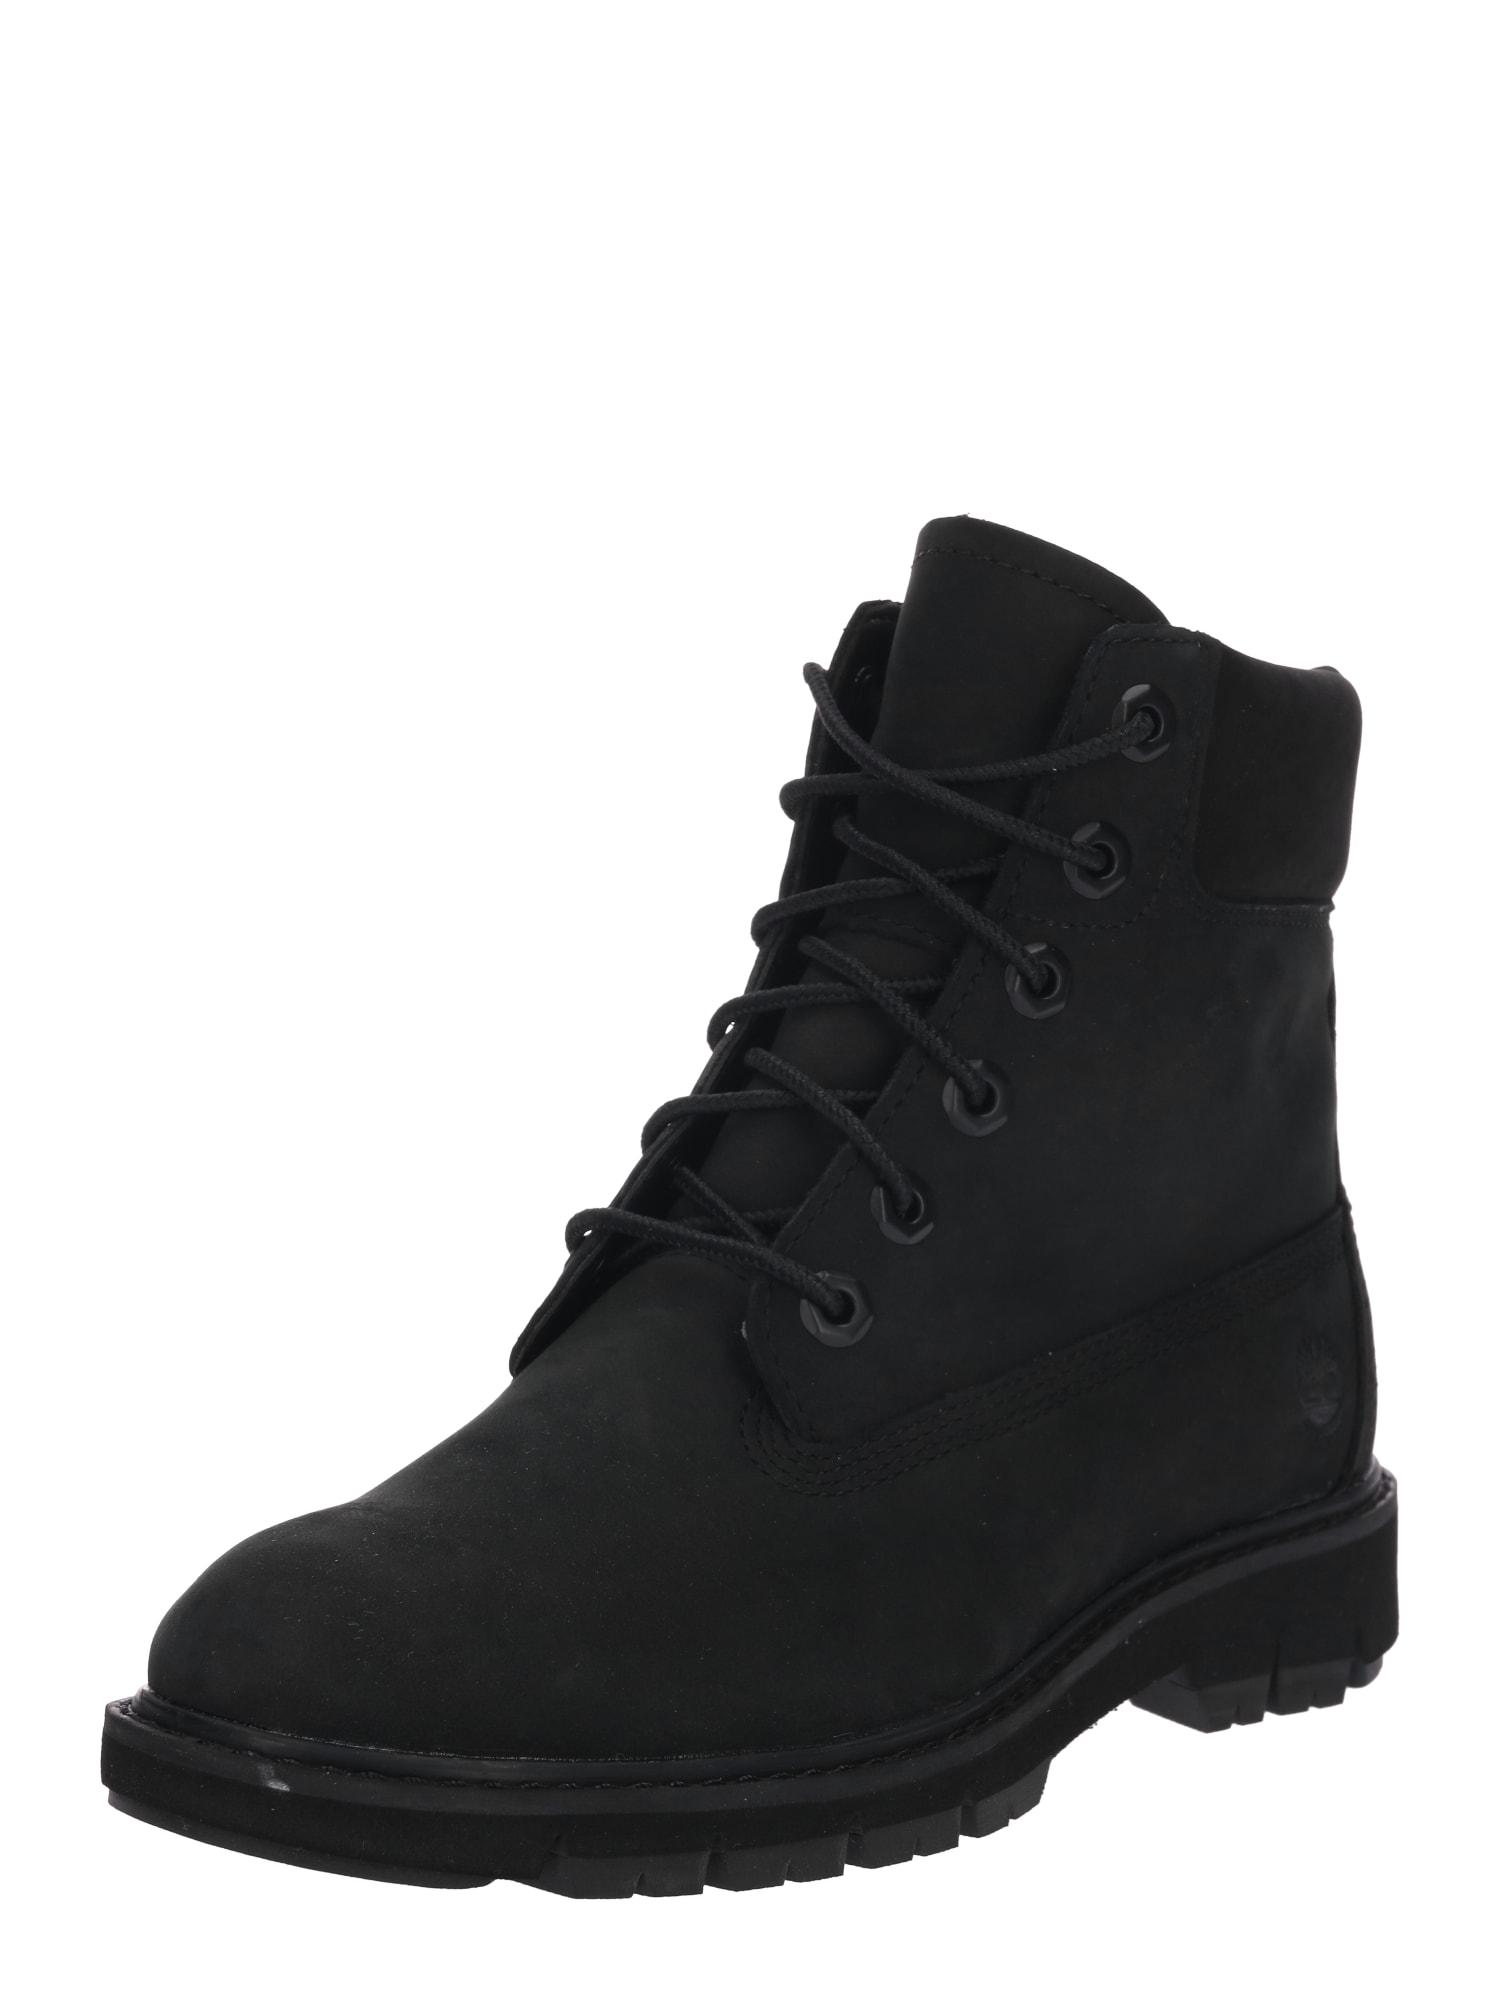 Šněrovací boty Lucia Way černá TIMBERLAND